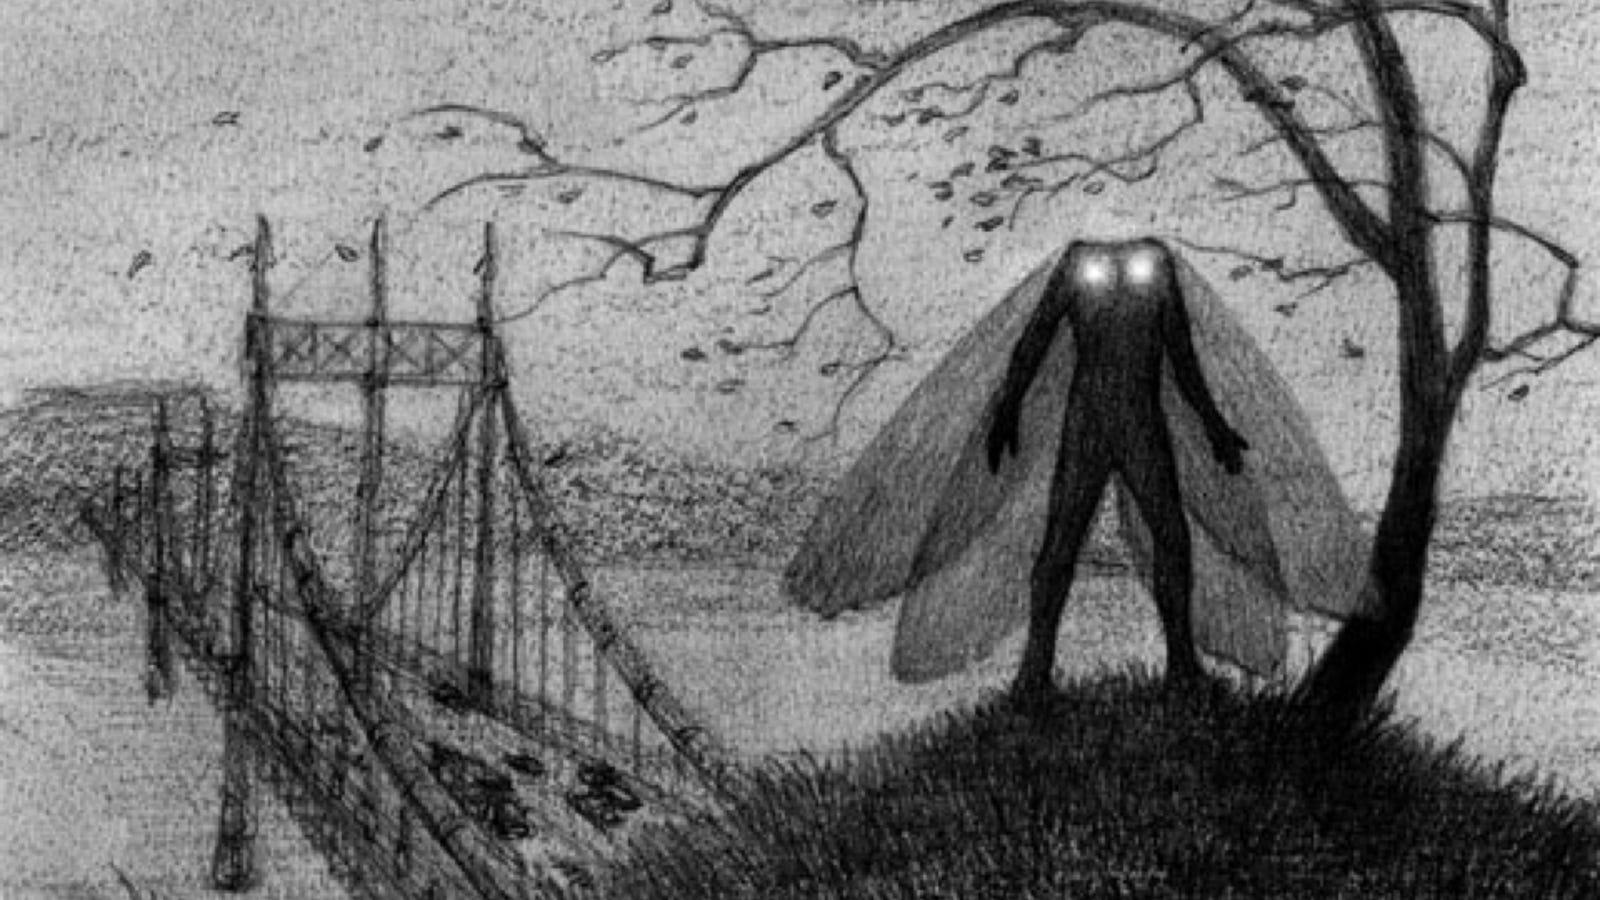 Mothman: An Exposé